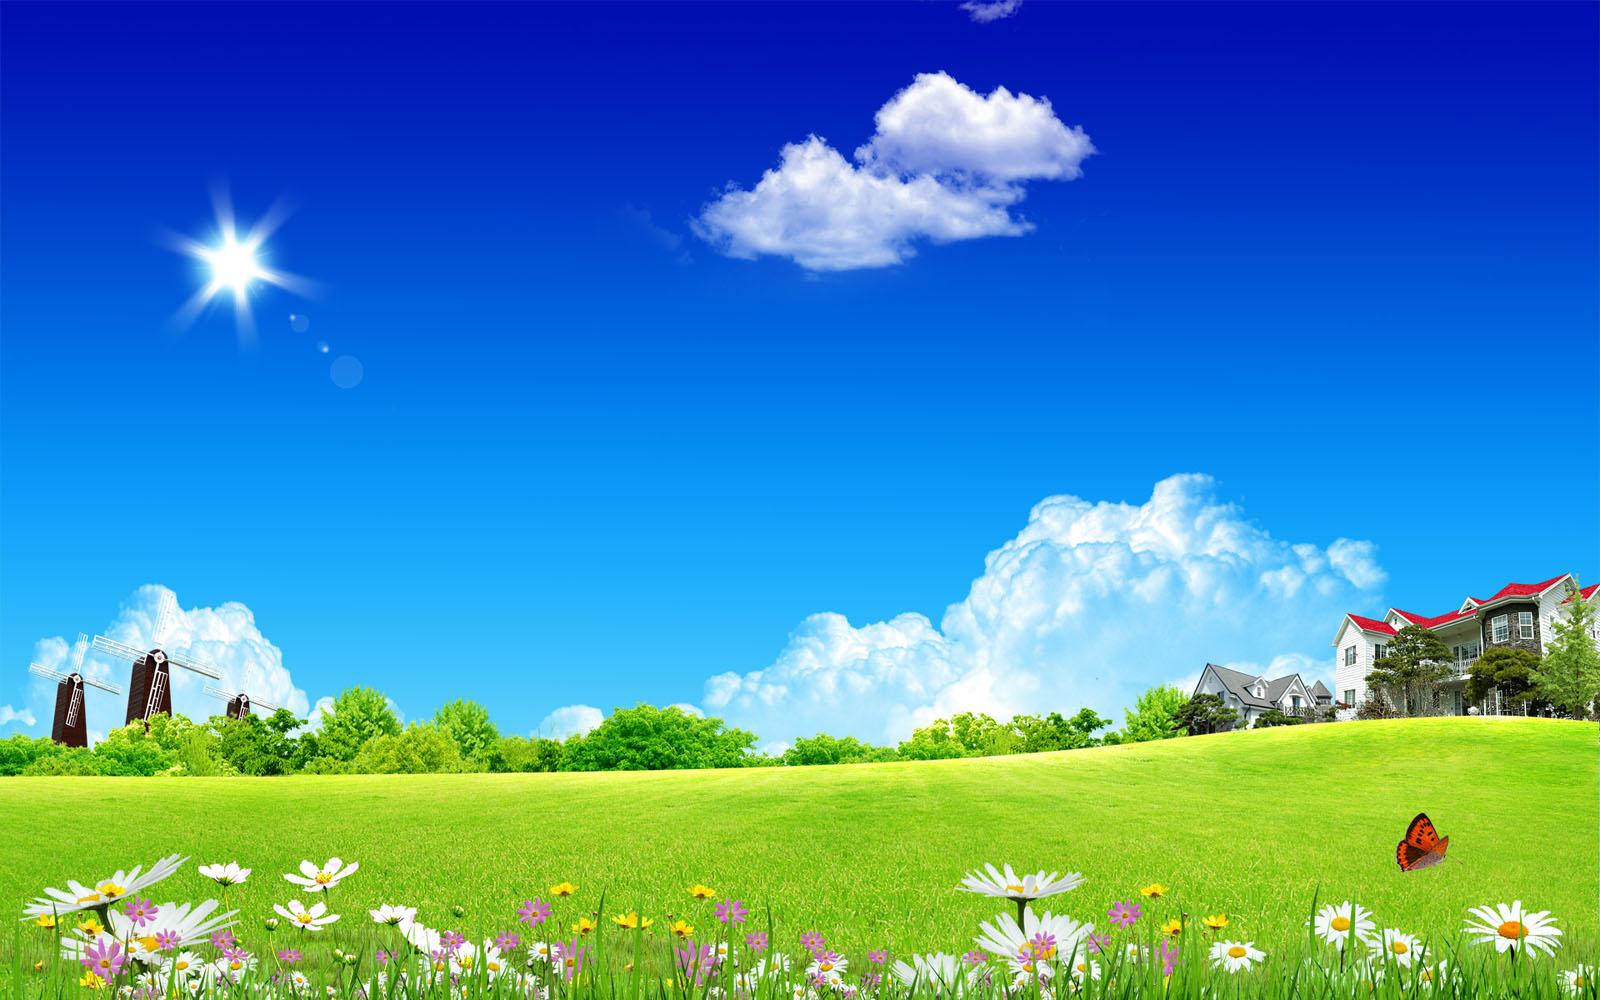 Clean Sky Wallpapers HD